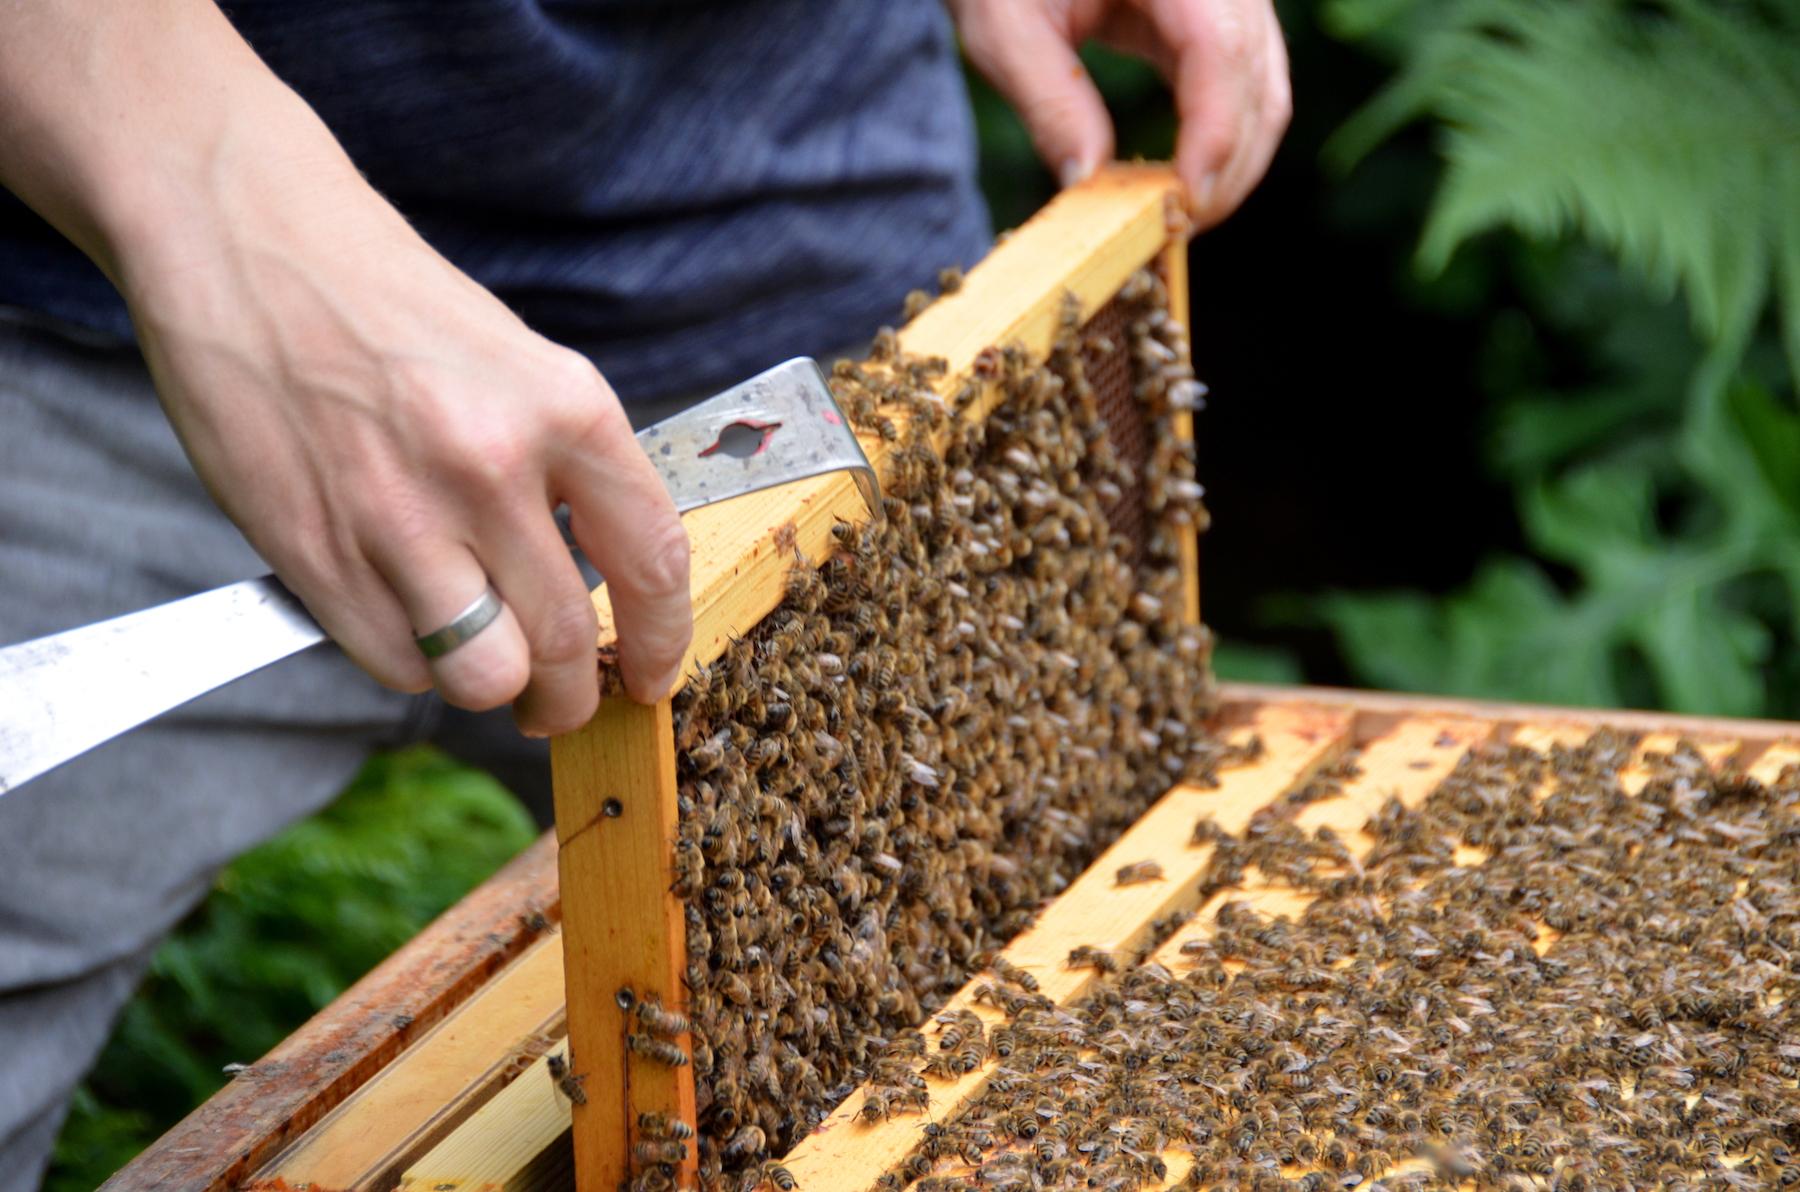 Vorsichtig entfernt Ralf Waanders eine Bienenwabe aus seinem Bienenstock, um sie zu begutachten.